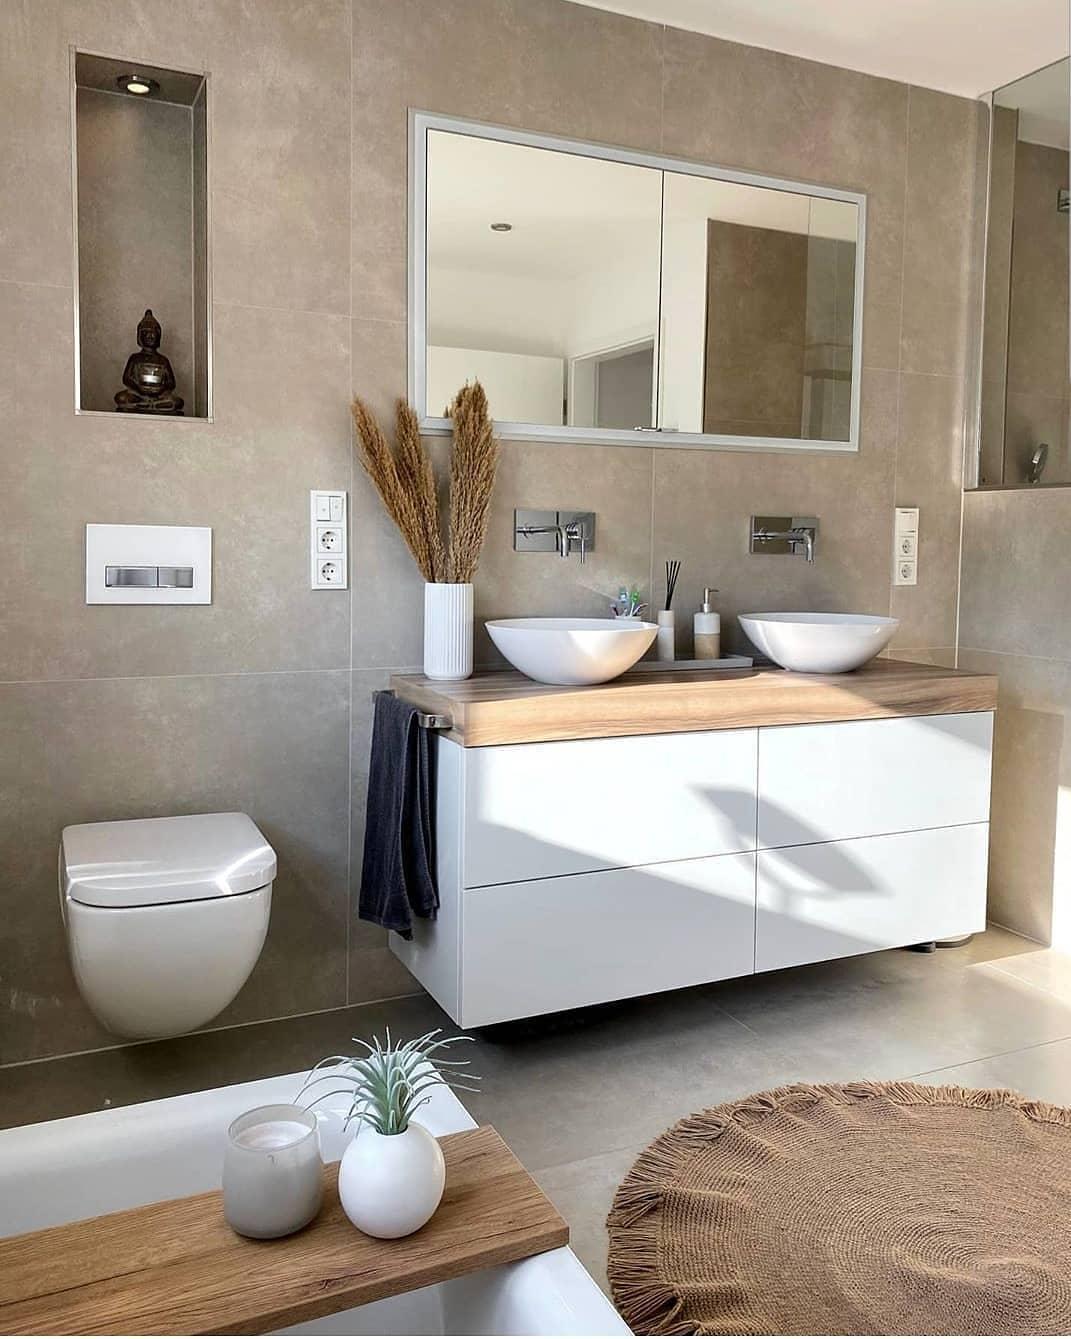 Altura de barra de baño o encimera de baño